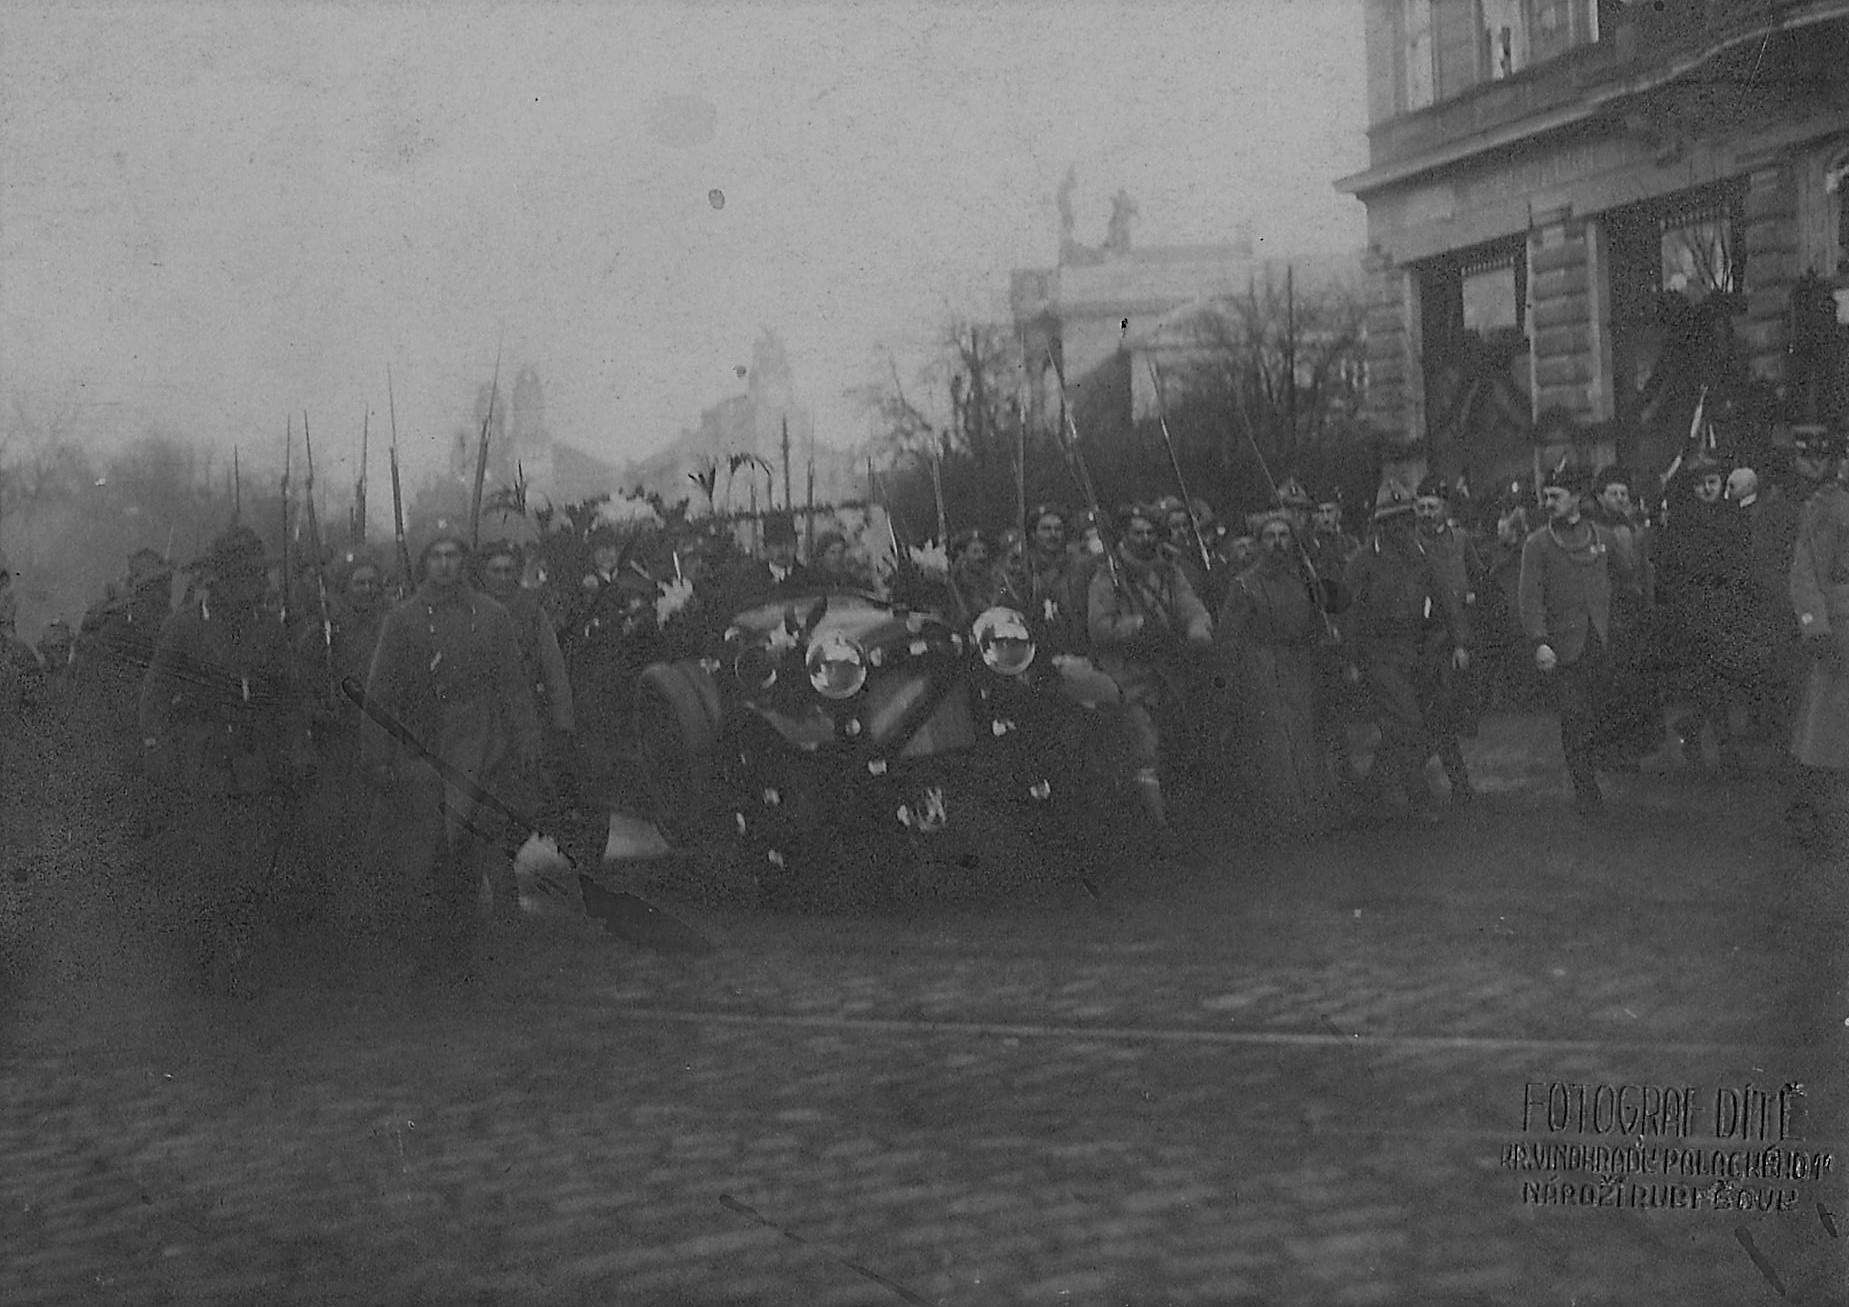 Příjezd Masaryka – Triumfální přivítání prezidenta Masaryka v Praze dne 21. prosince 1918, sbírka Muzea silnic